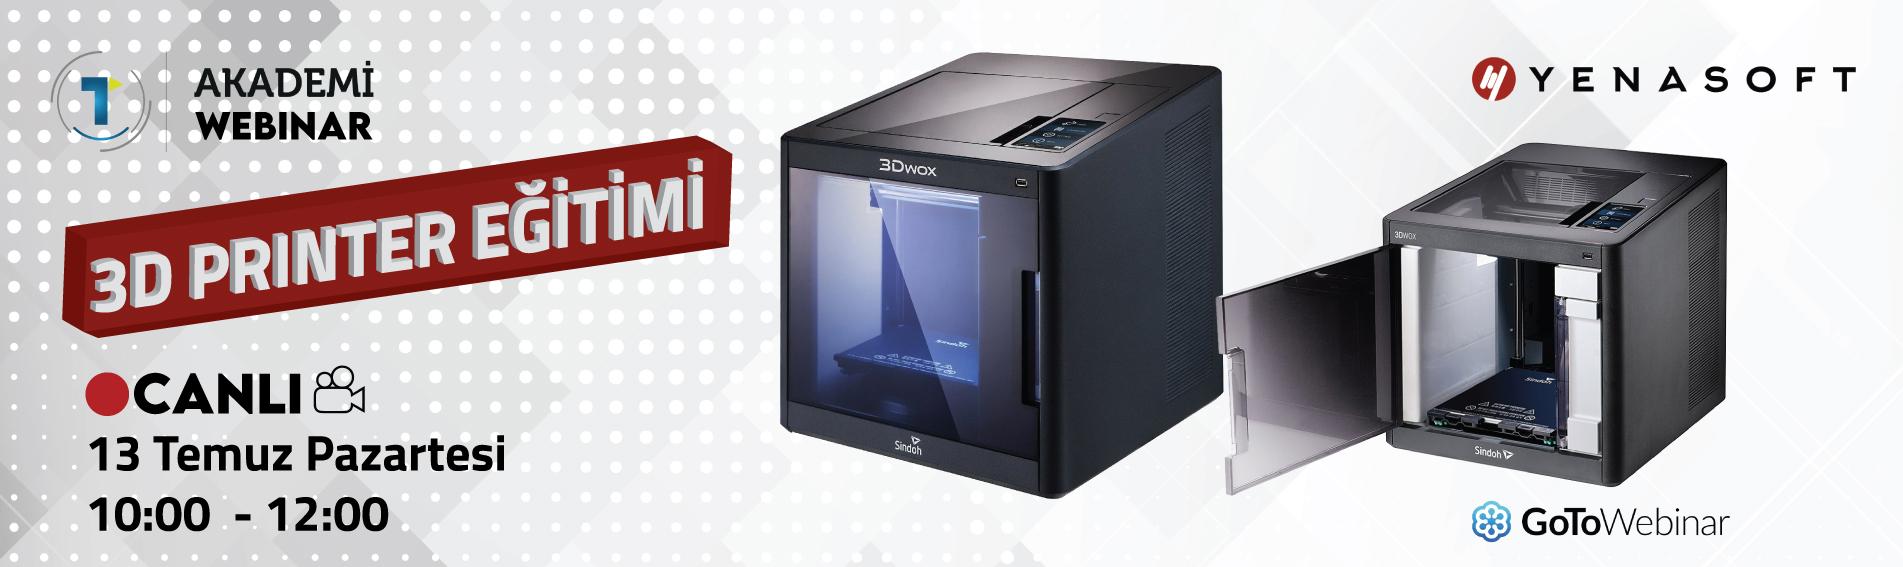 3D Printer Eğitimi 13 Temmuz